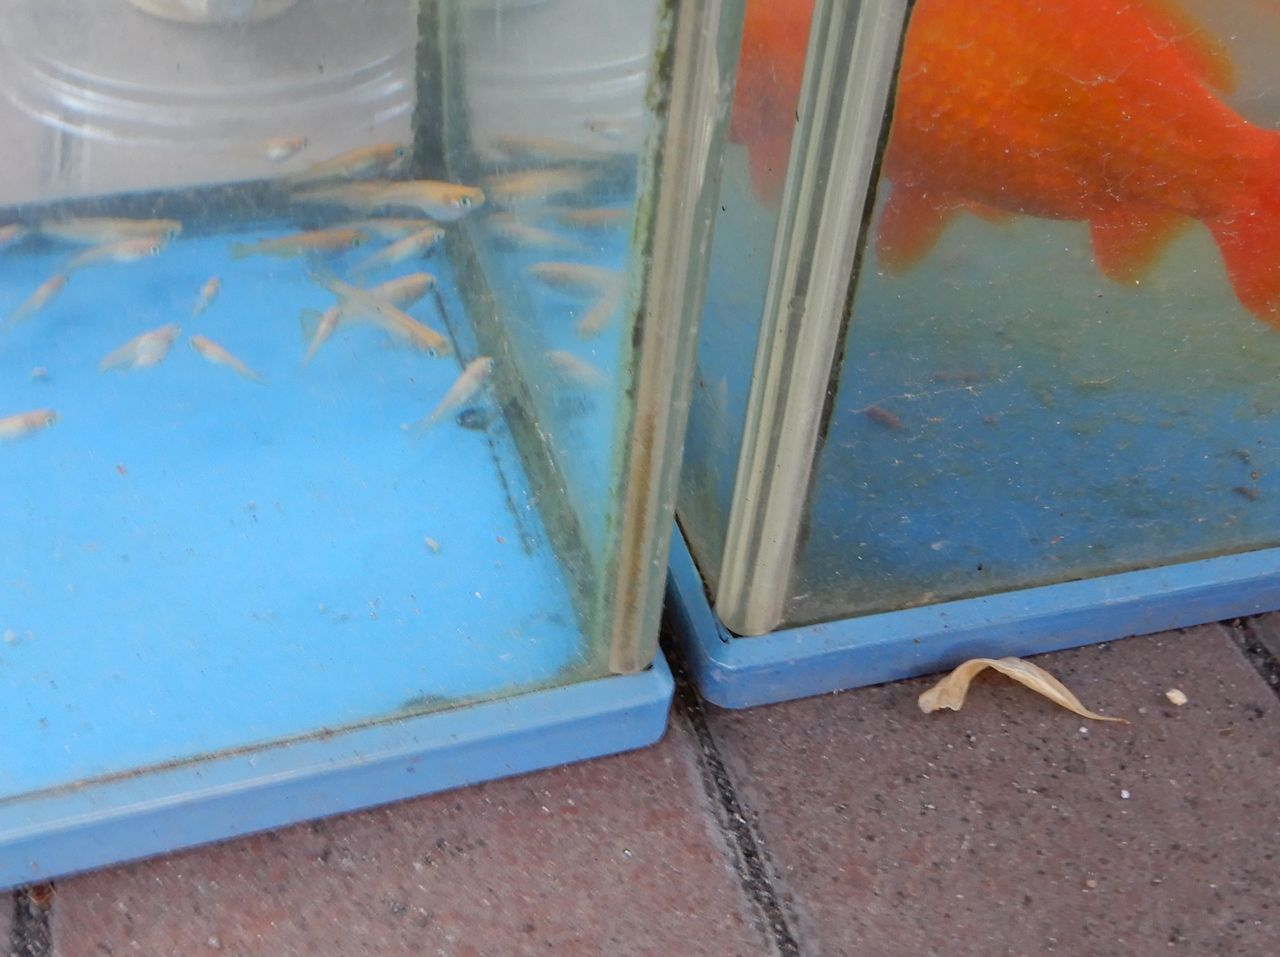 メダカは外へ、スズメは巣作り_c0025115_22410116.jpg